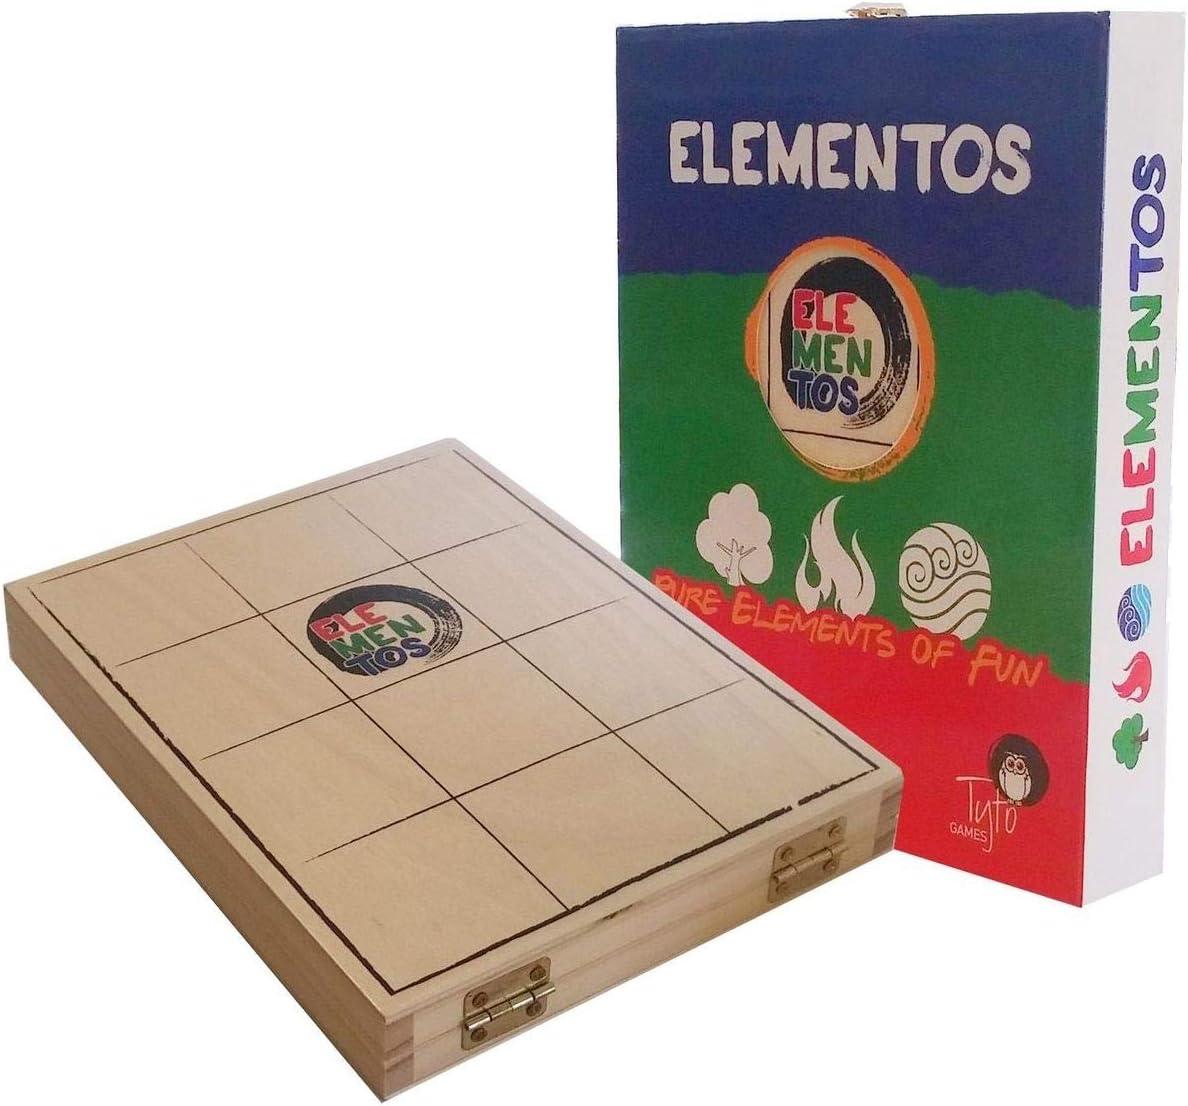 ELEMENTOS - 2 Jugador estrategia luz madera juego: Amazon.es: Juguetes y juegos